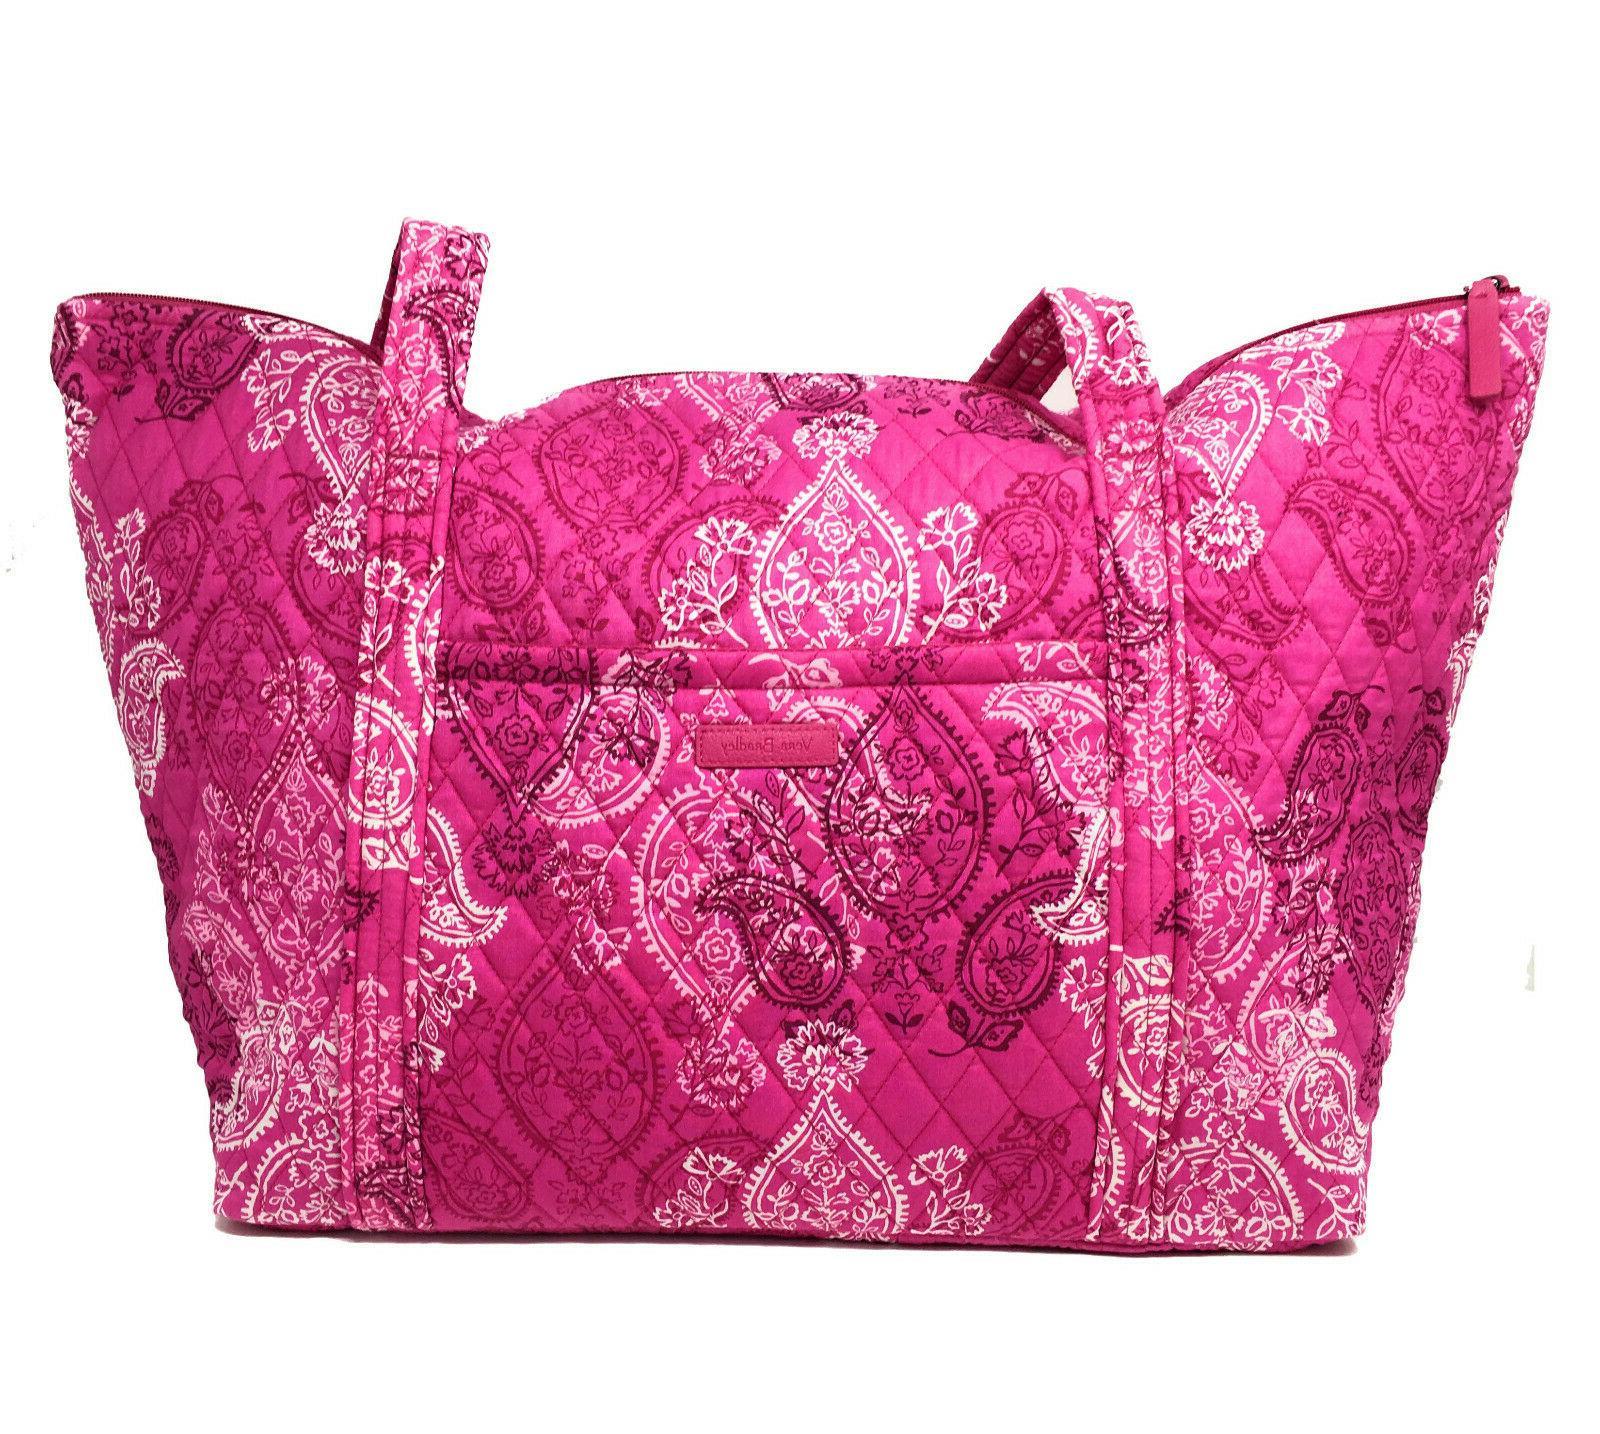 miller bag carryon travel bag luggage in